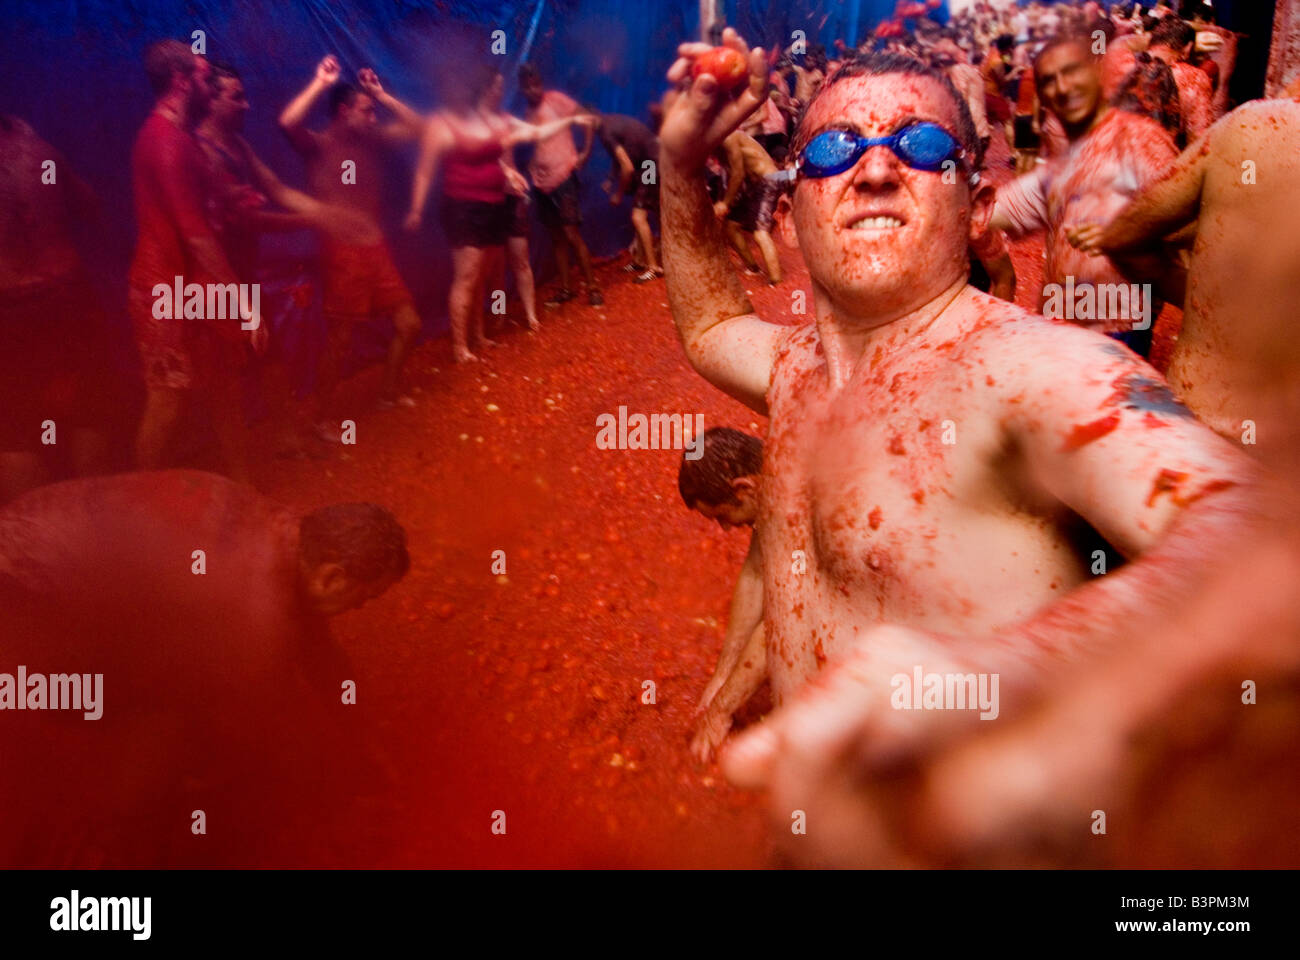 Homme portant lunettes de natation de lancer une tomate à La Tomatina festival de lutte contre l'alimentation. Photo Stock